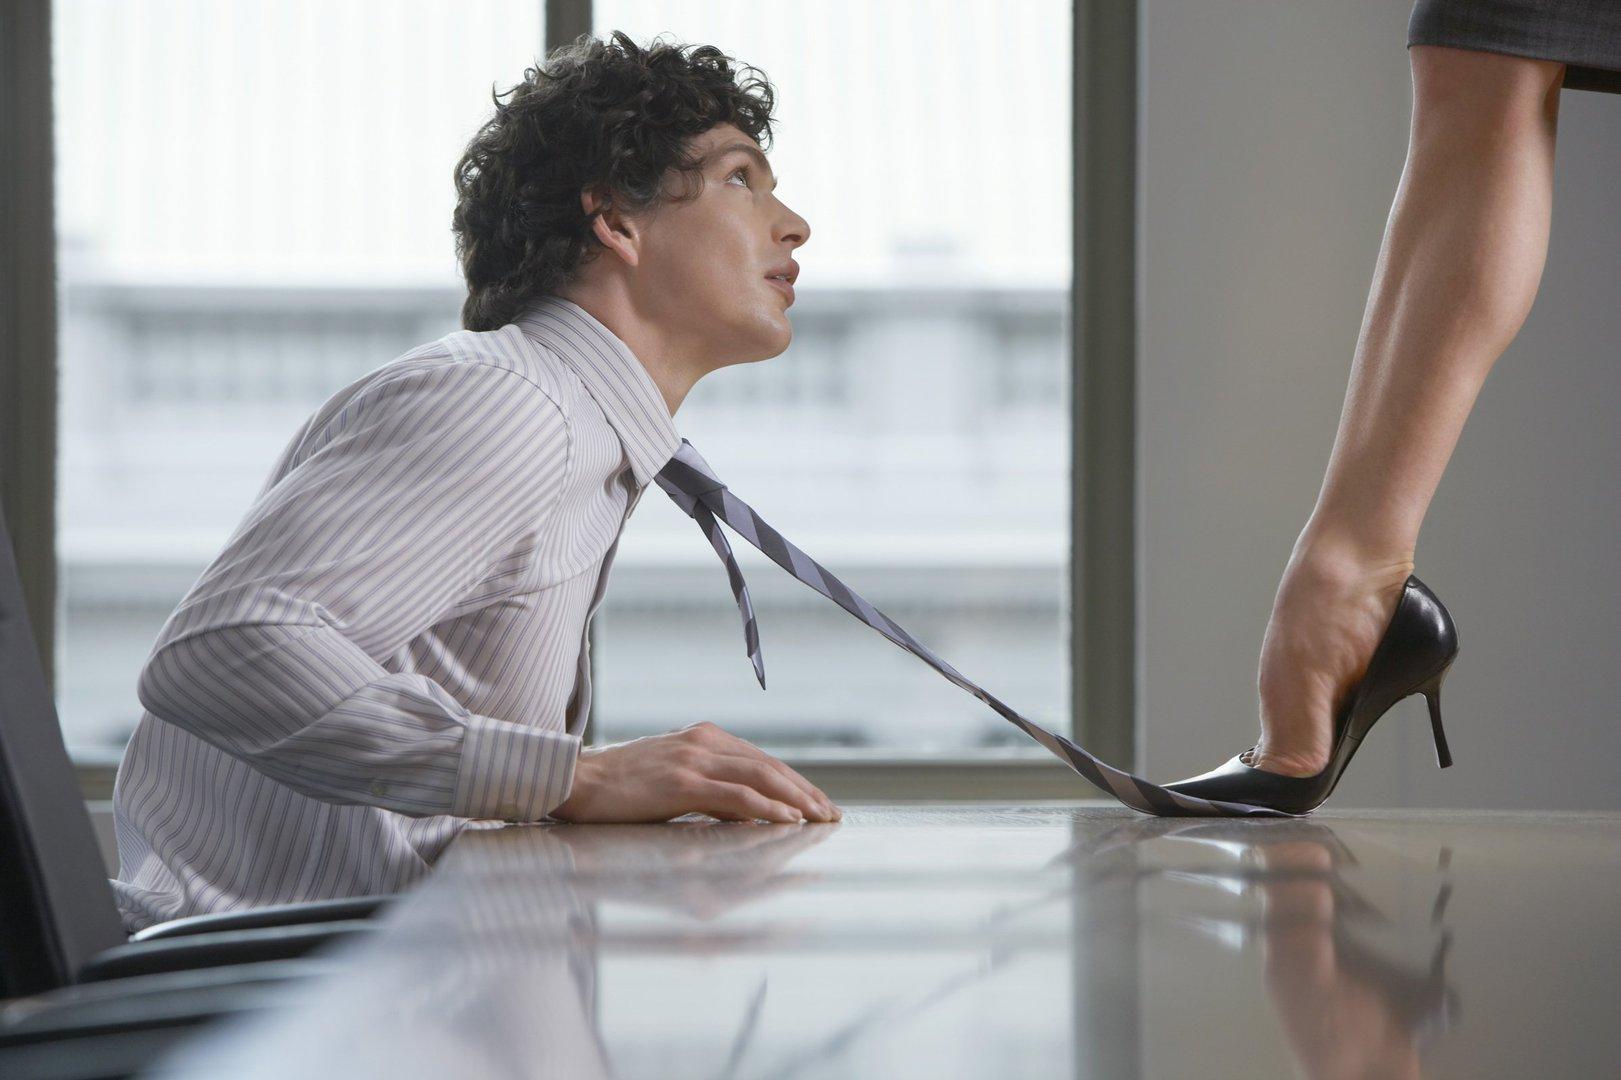 vyrų varpos darbe fiksatoriai turi varpą